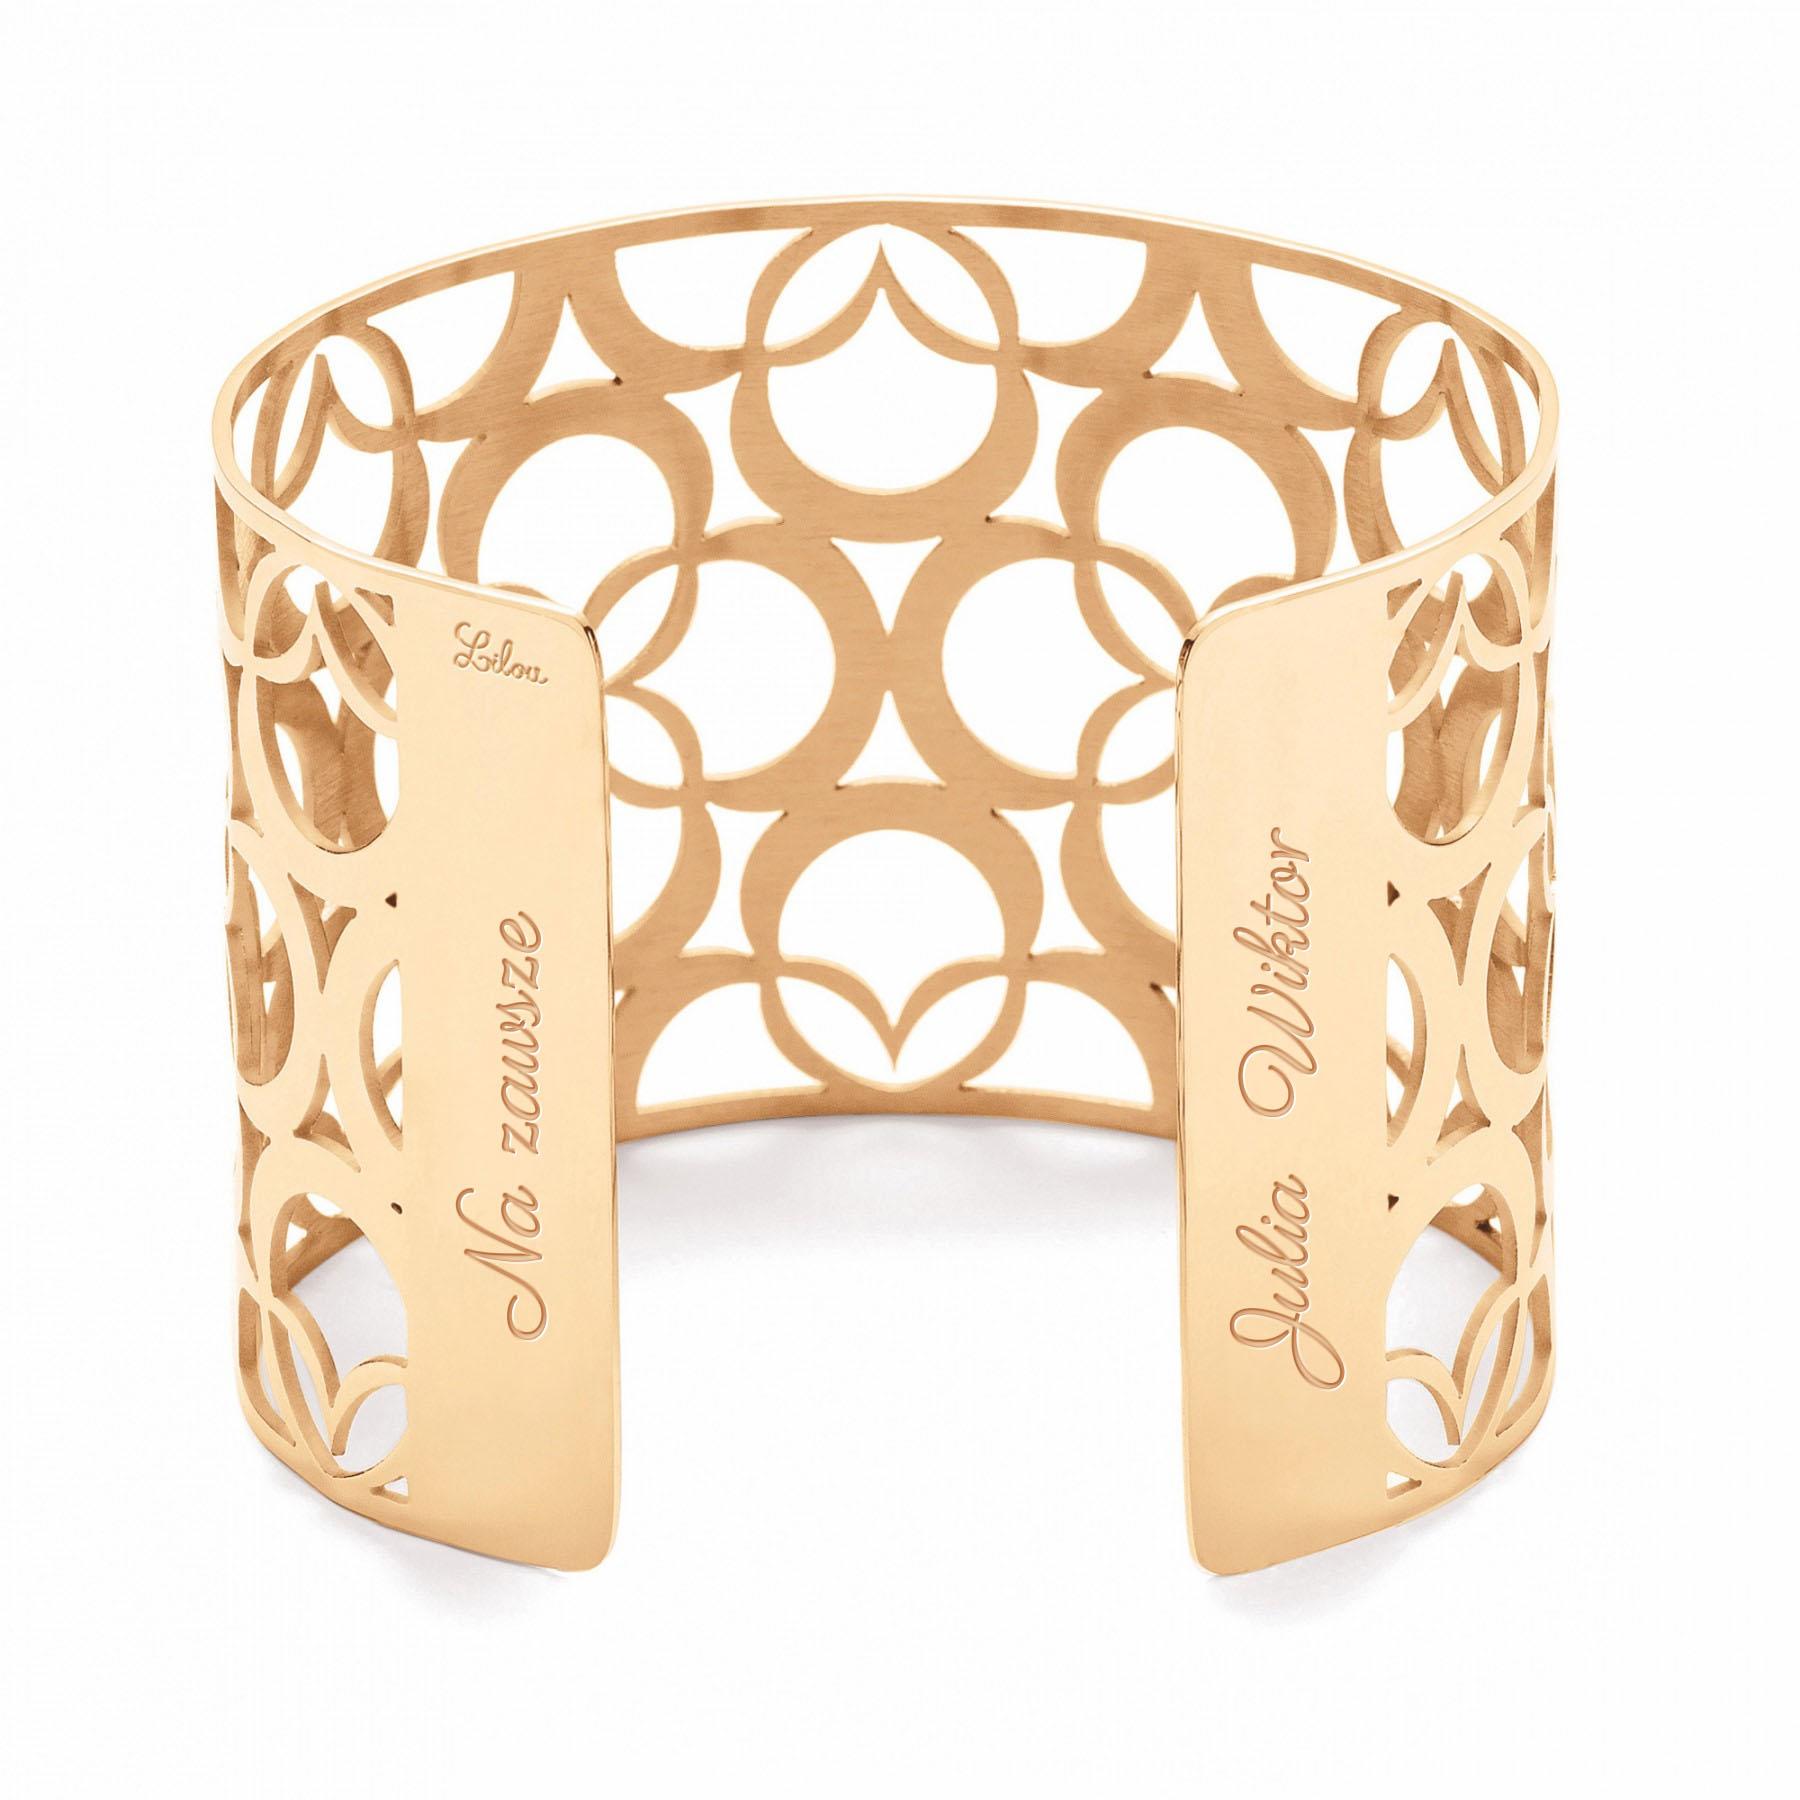 Biżuteria to współczesny talizman. Rozmowa z twórczynią marki Lilou